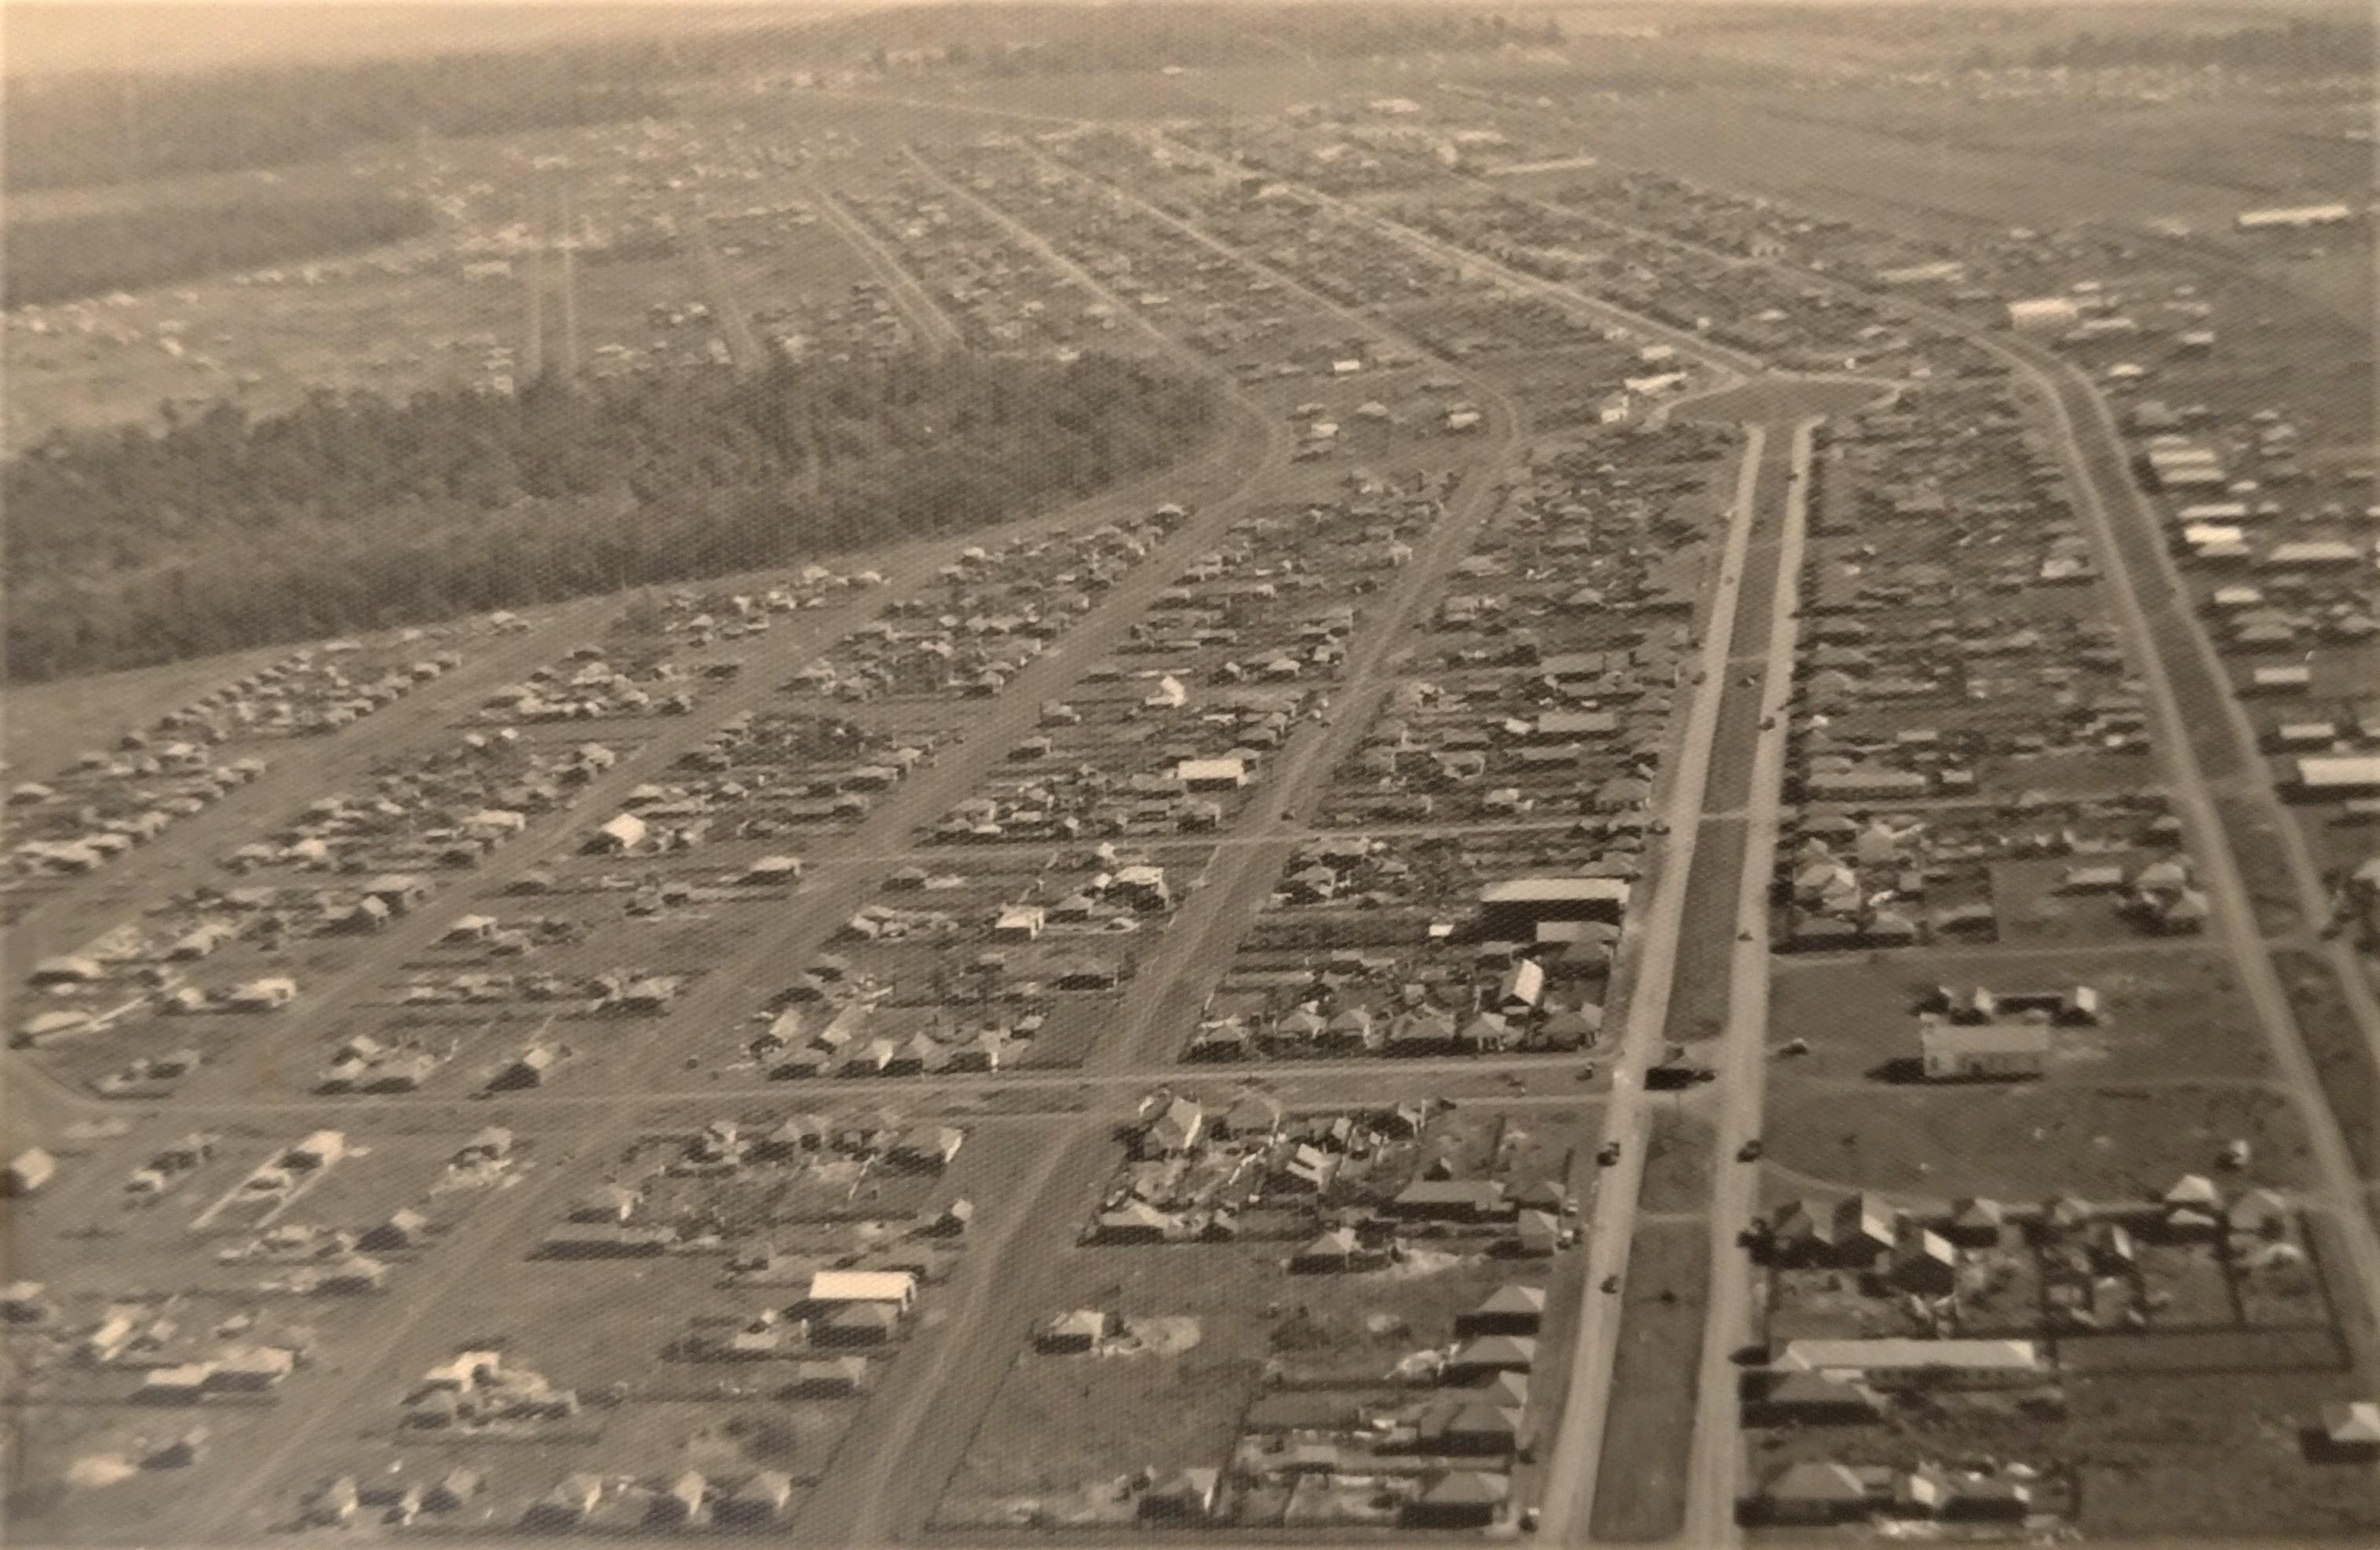 Vista aérea da Vila Operária - 1952